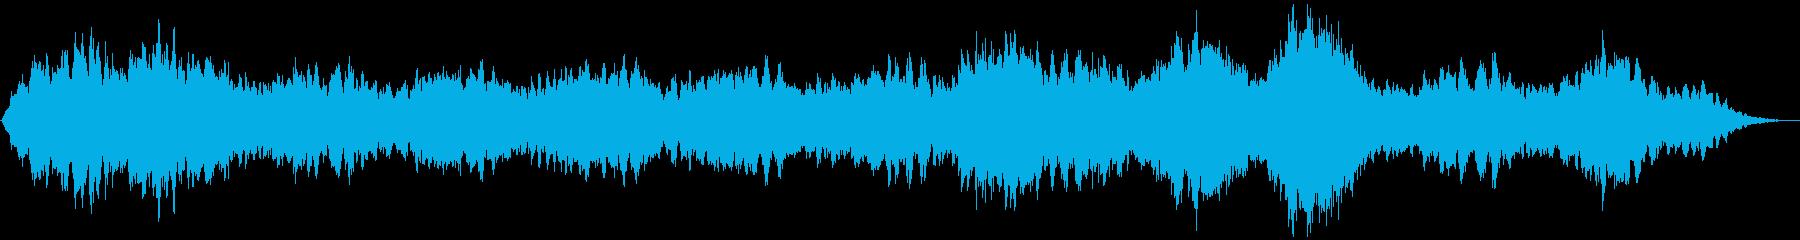 PADS 月の重力01の再生済みの波形